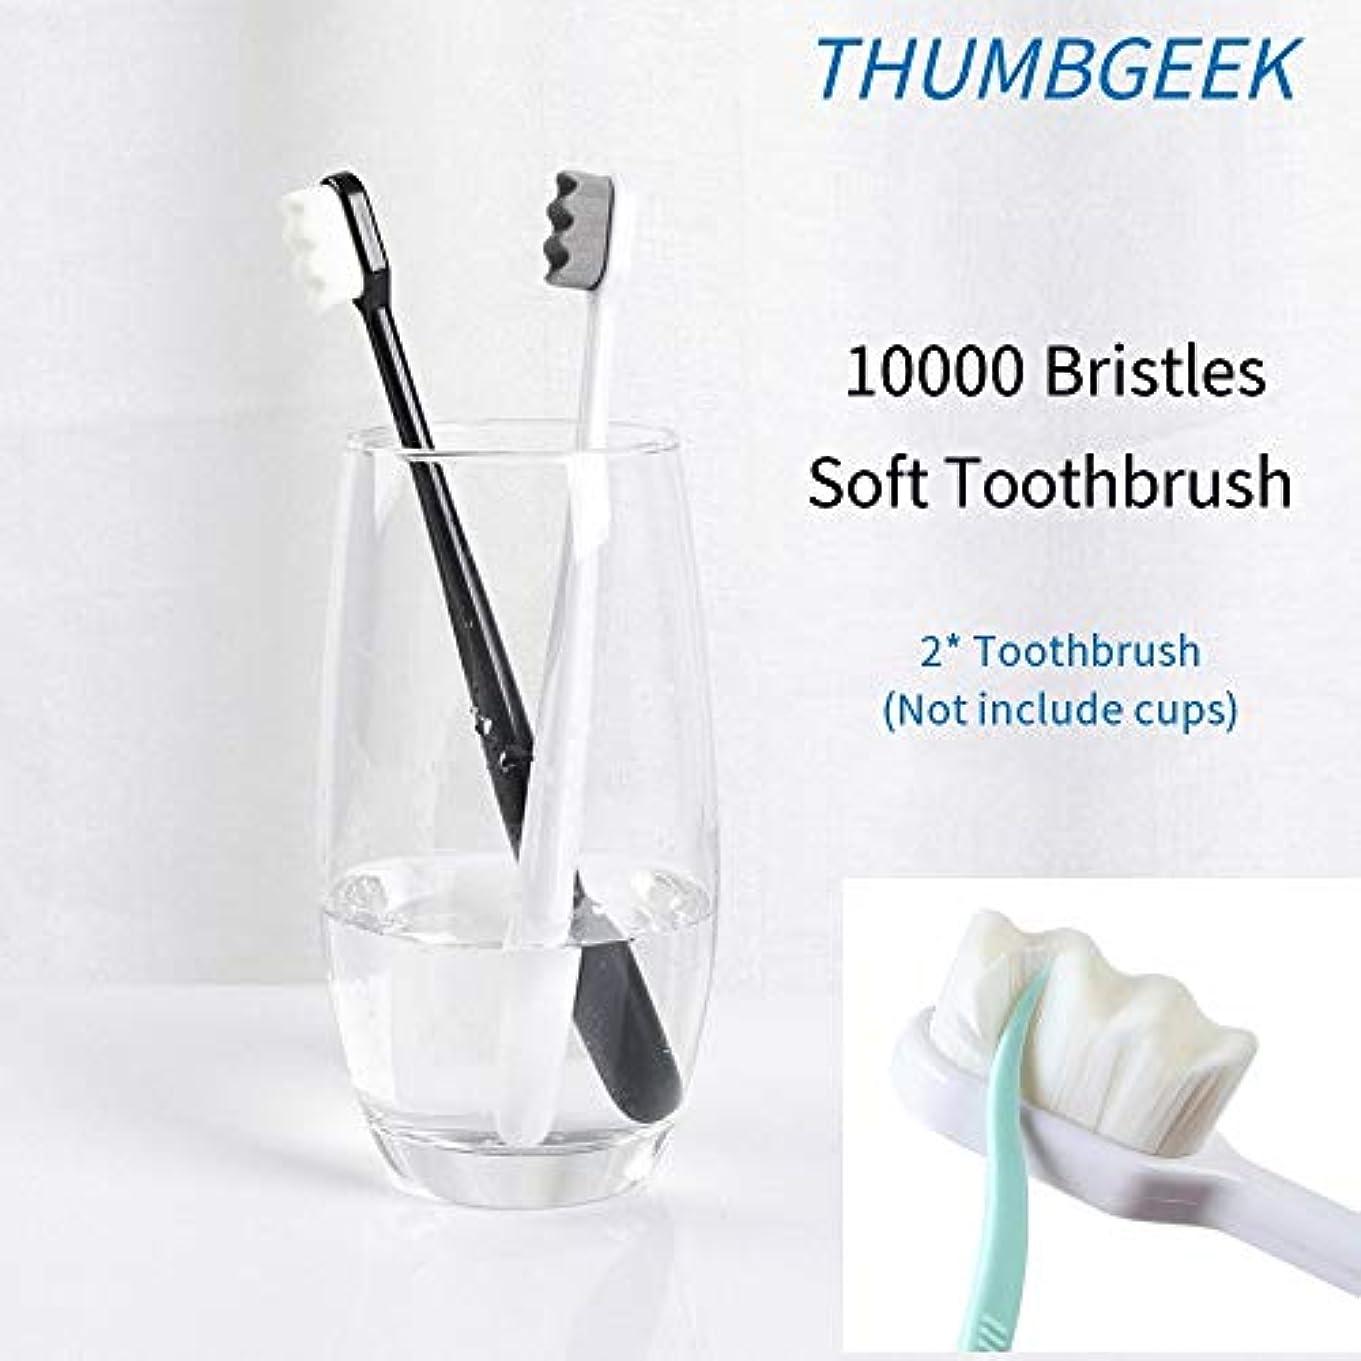 取り囲む強大な2本の歯ブラシ、ウルトラソフト歯ブラシ、家族の妊娠中の女性用、年配の看護の歯肉に敏感なディープマウスクリーンオーラルケア、手動歯ブラシ